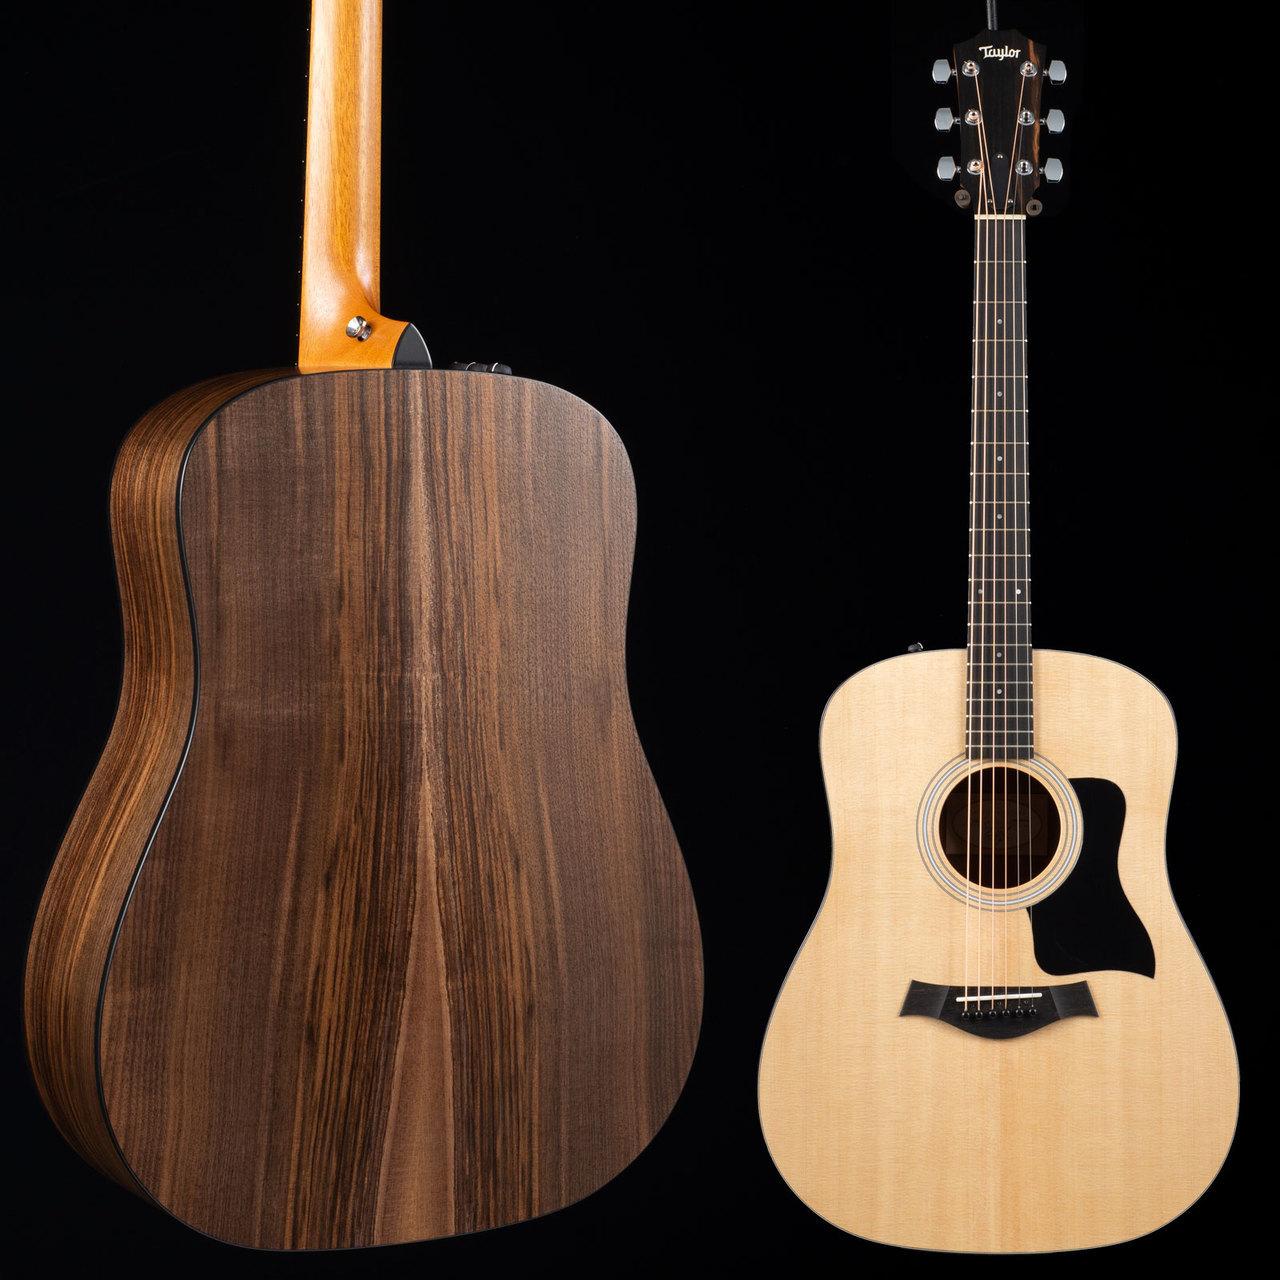 Taylor 110E là cây đàn dáng fullsize đầu tiên được nhắc tới trong danh sách đàn guitar Taylor giảm giá shock trong tháng 11 này